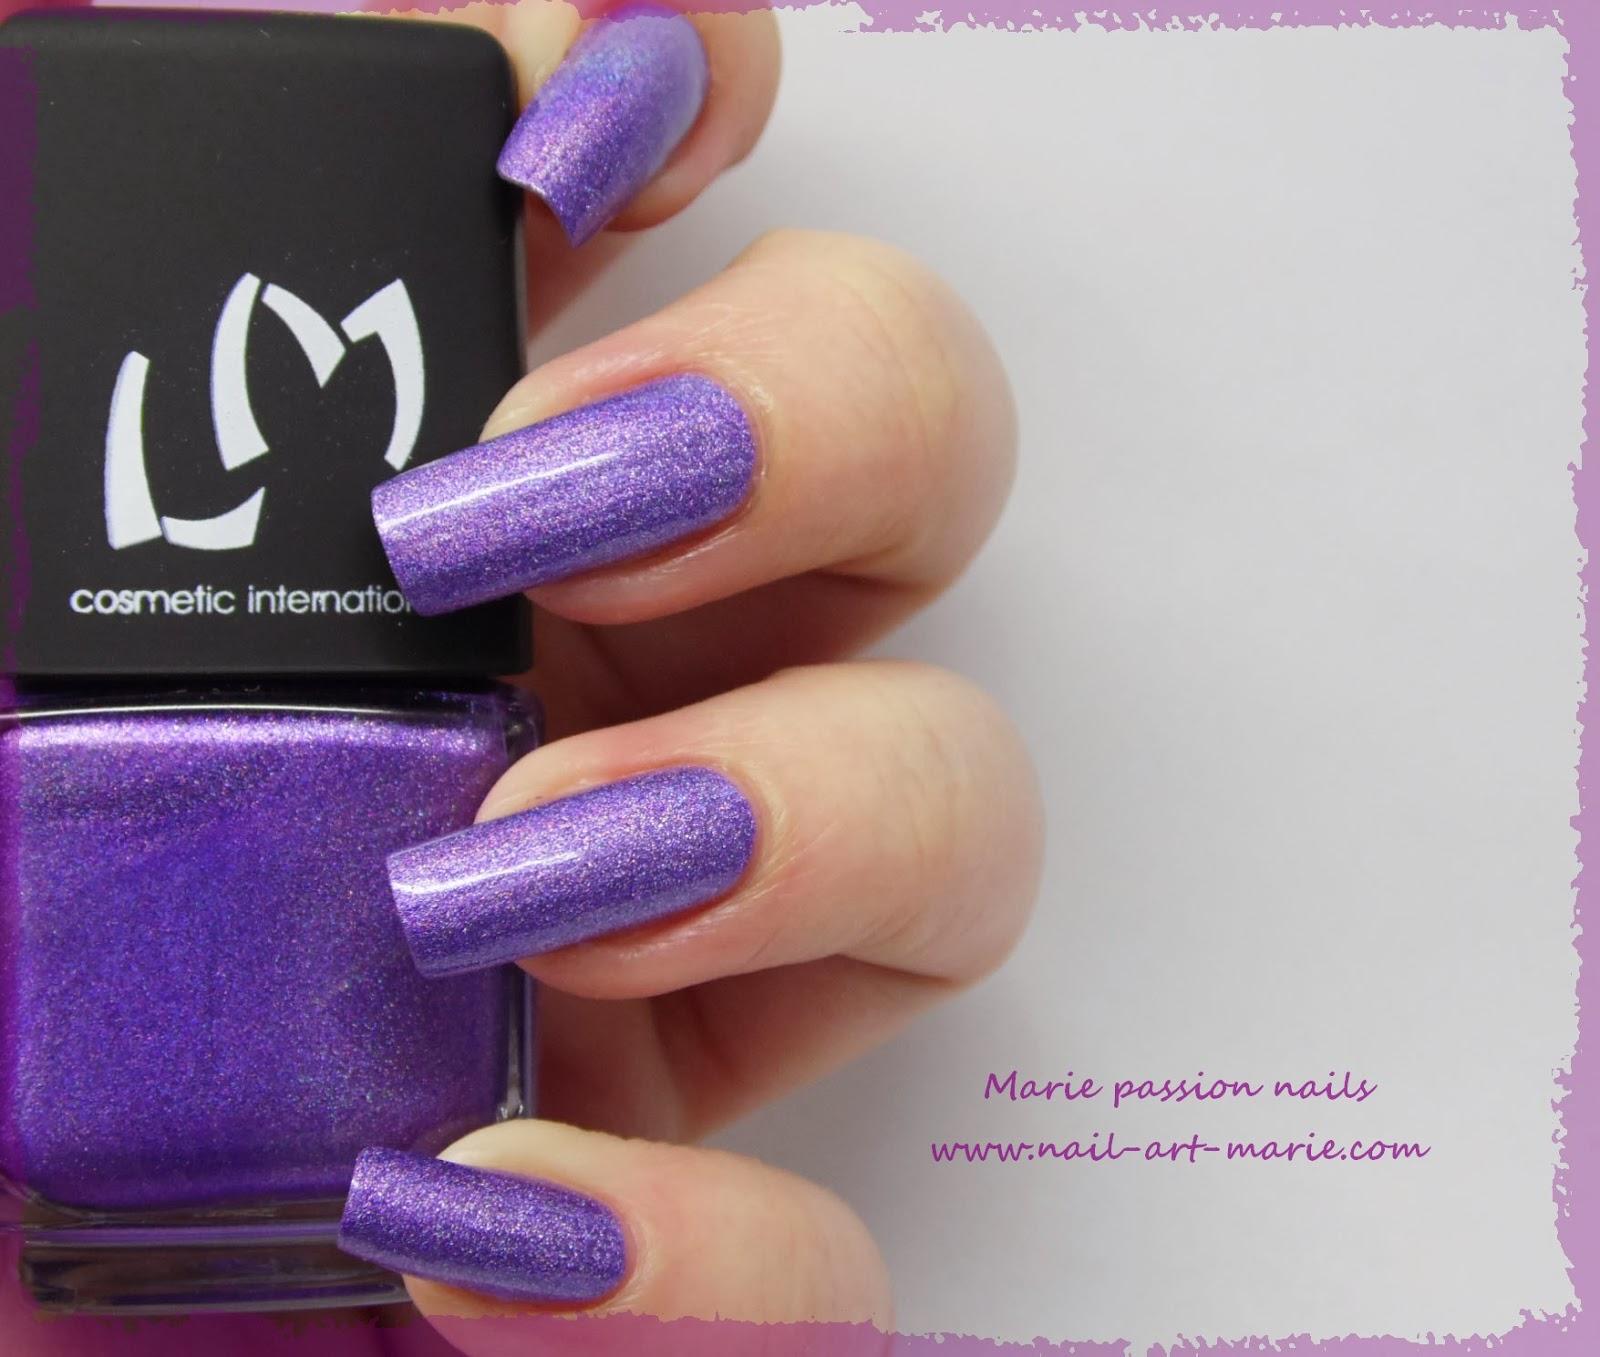 LM Cosmetic Mintaka3